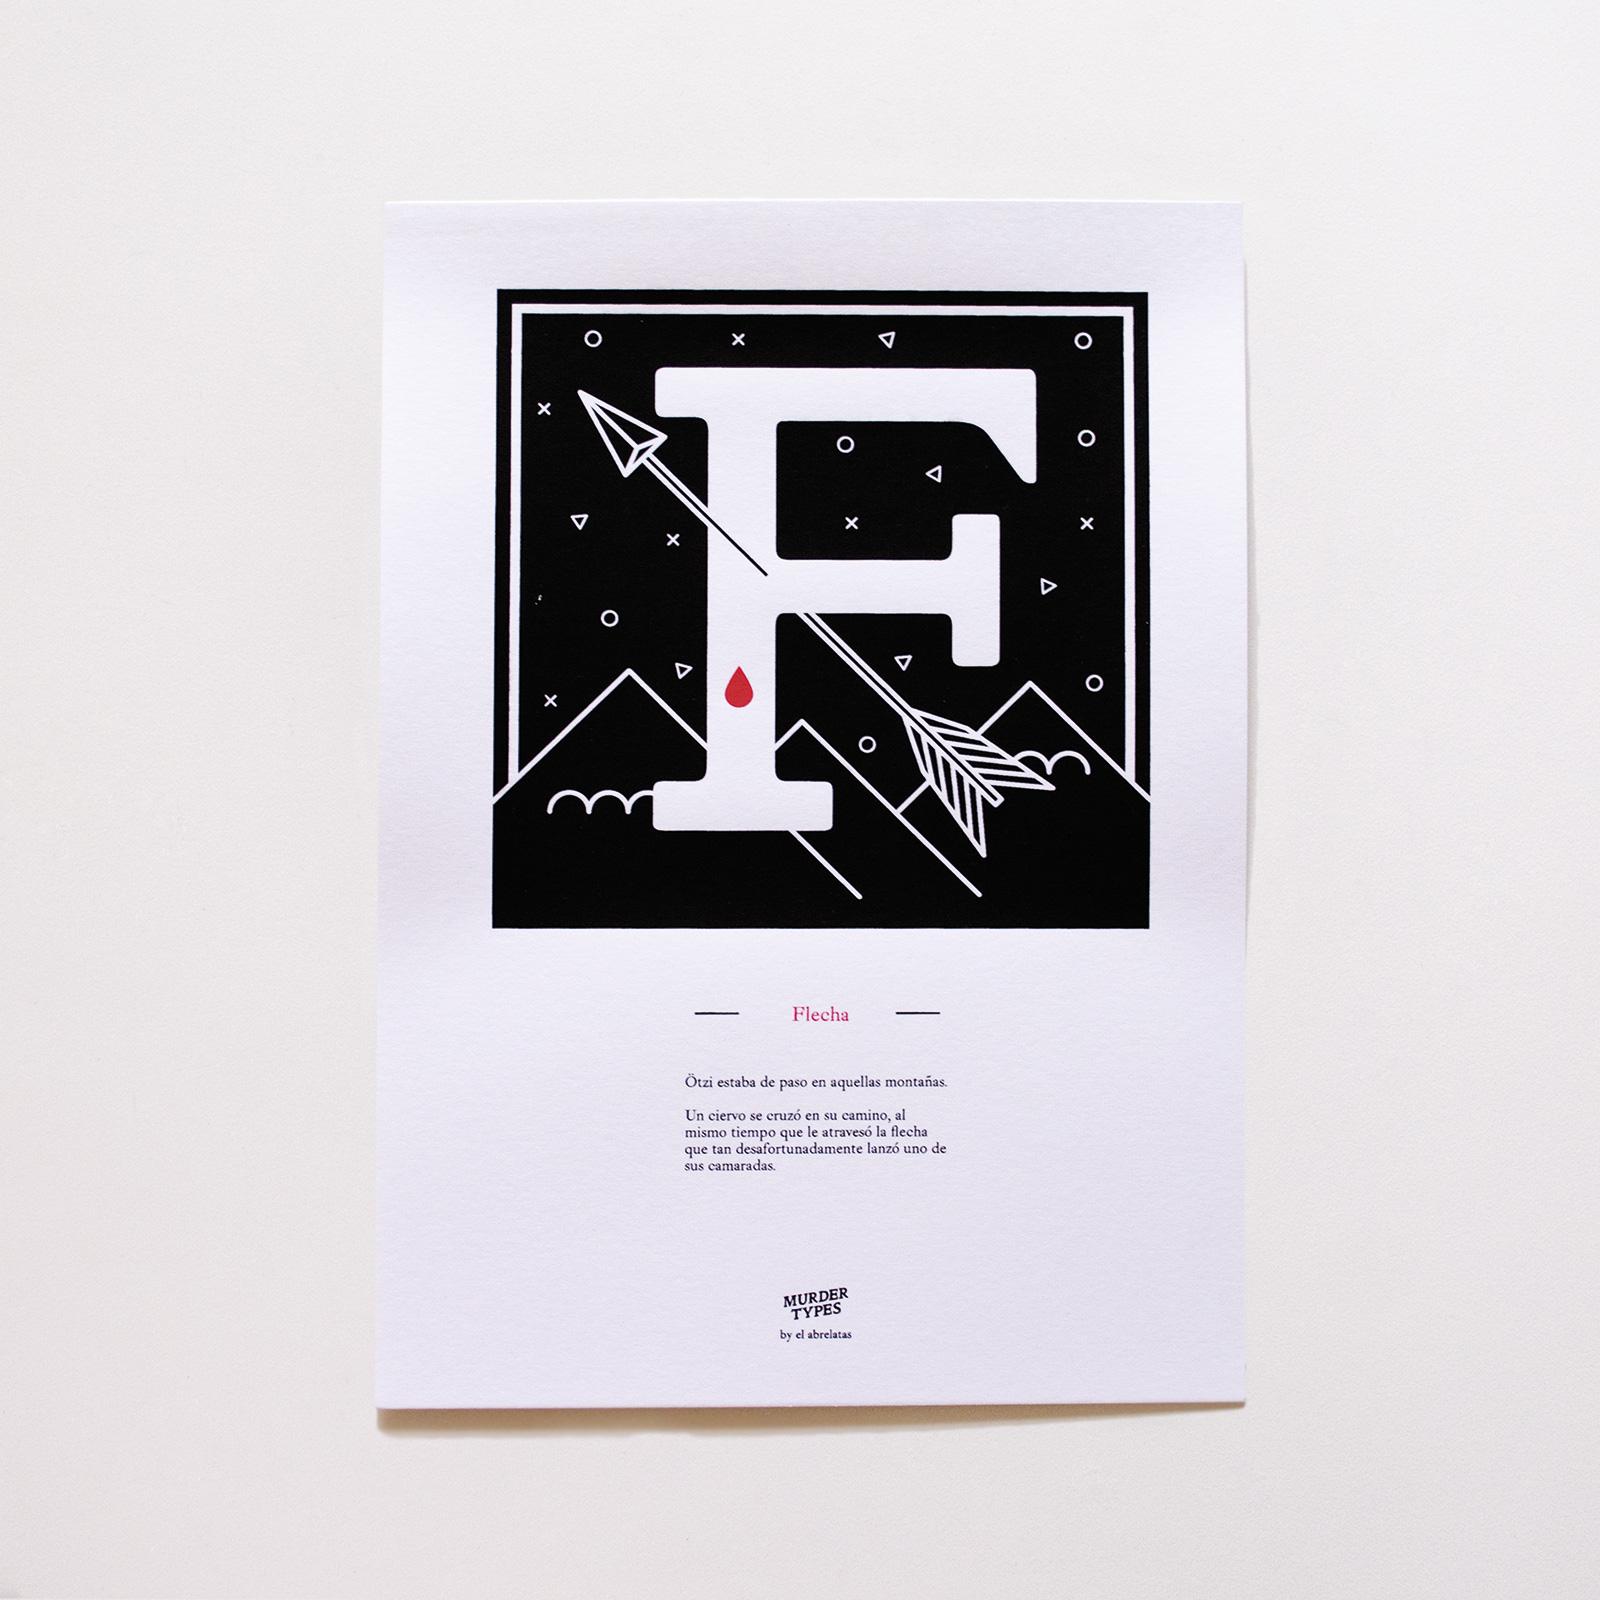 Lámina letra F - Proyecto de autoedición en serigrafía Murder Types